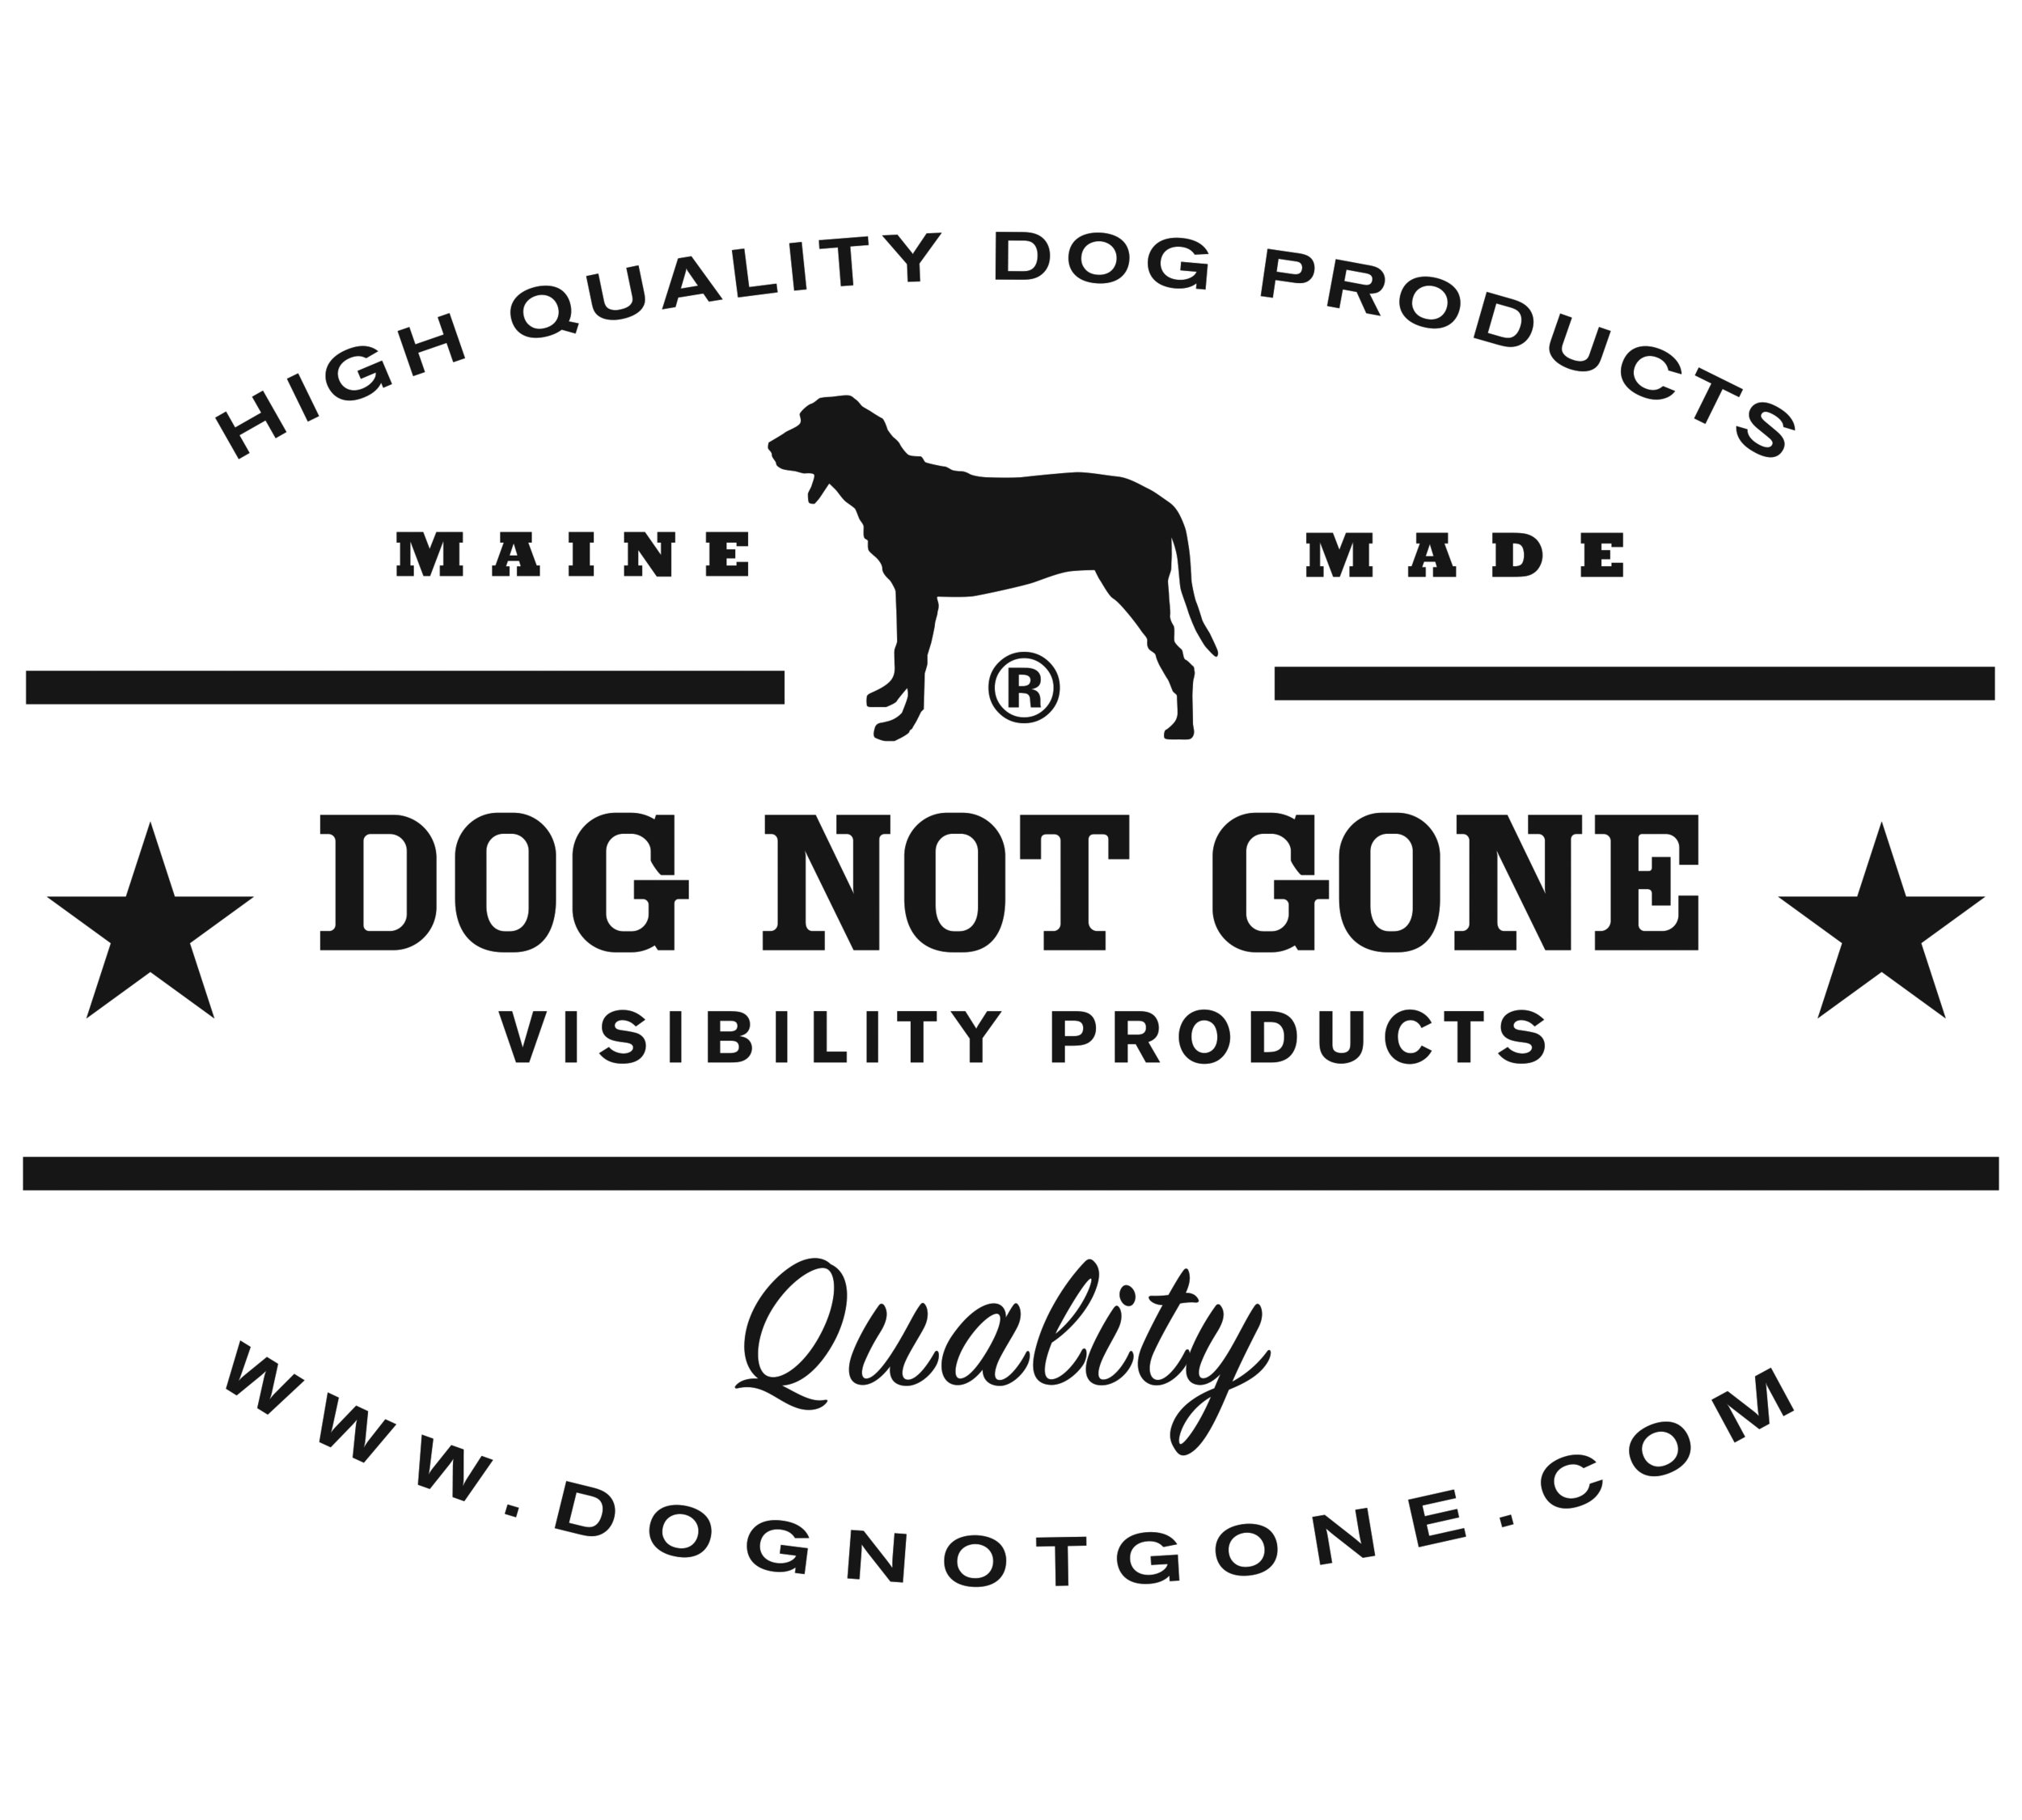 Official Dog Not Gone logo for download.